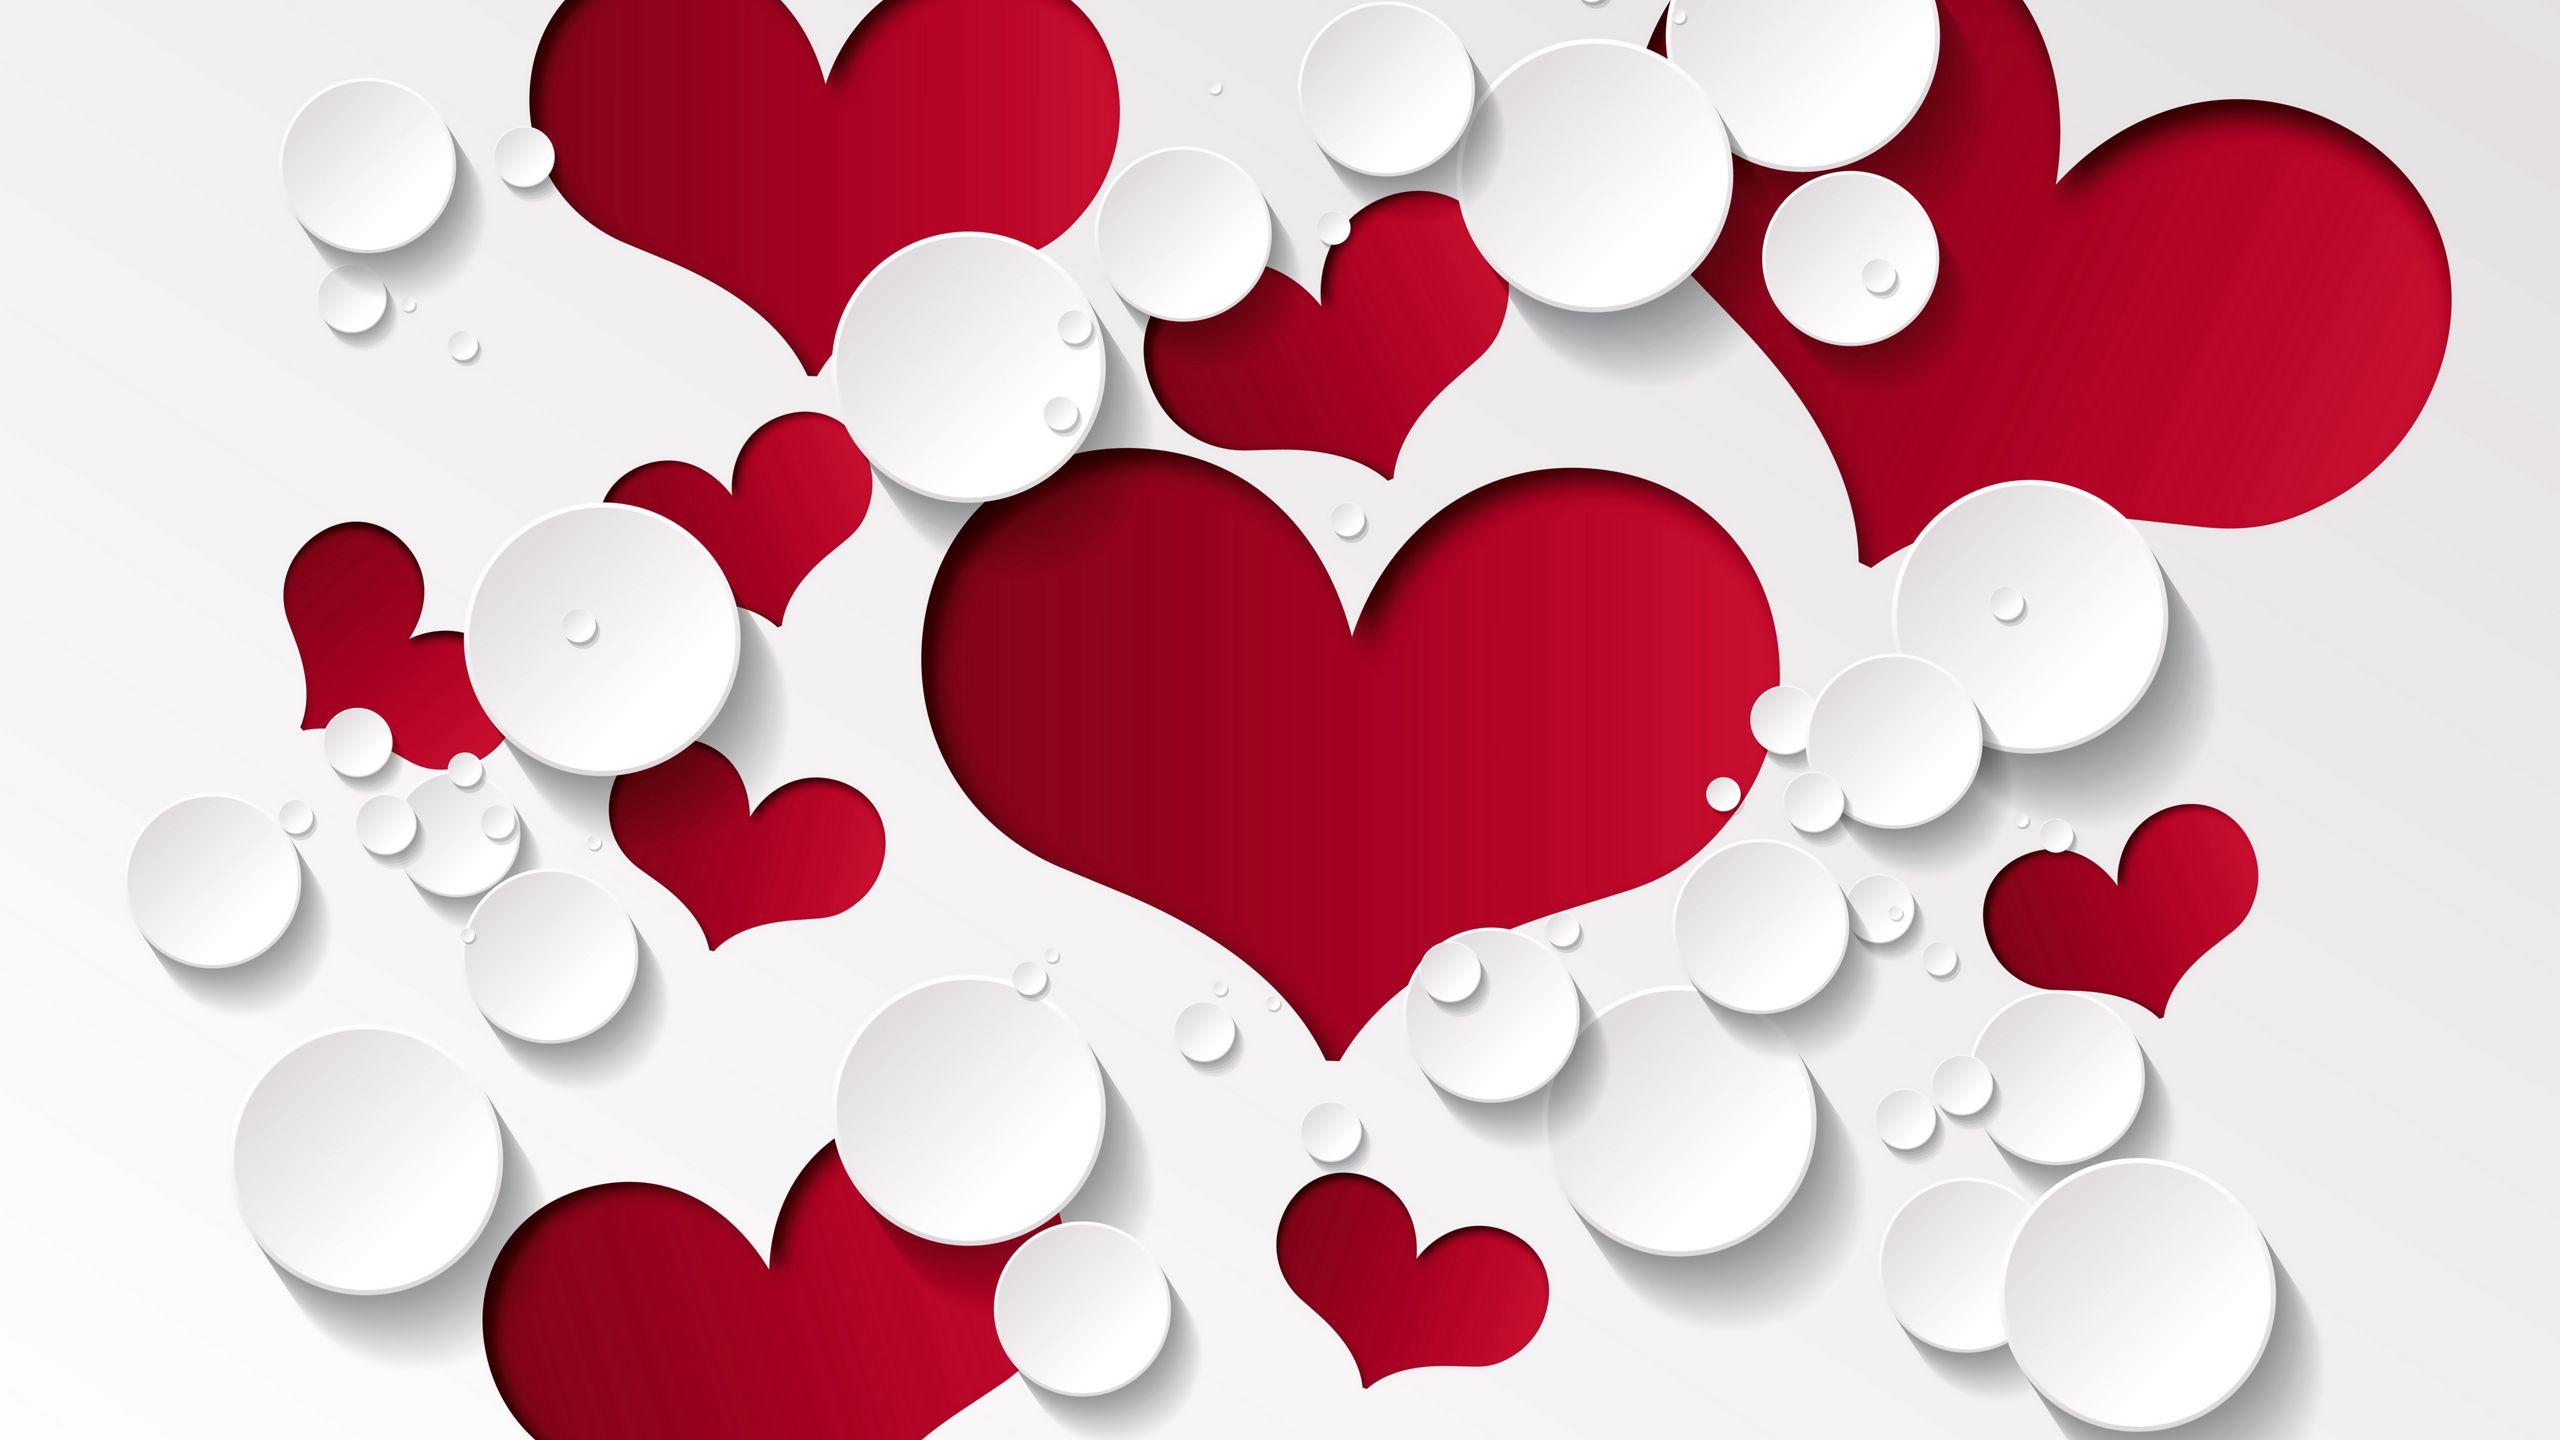 2560x1440 Wallpaper heart, shape, pattern